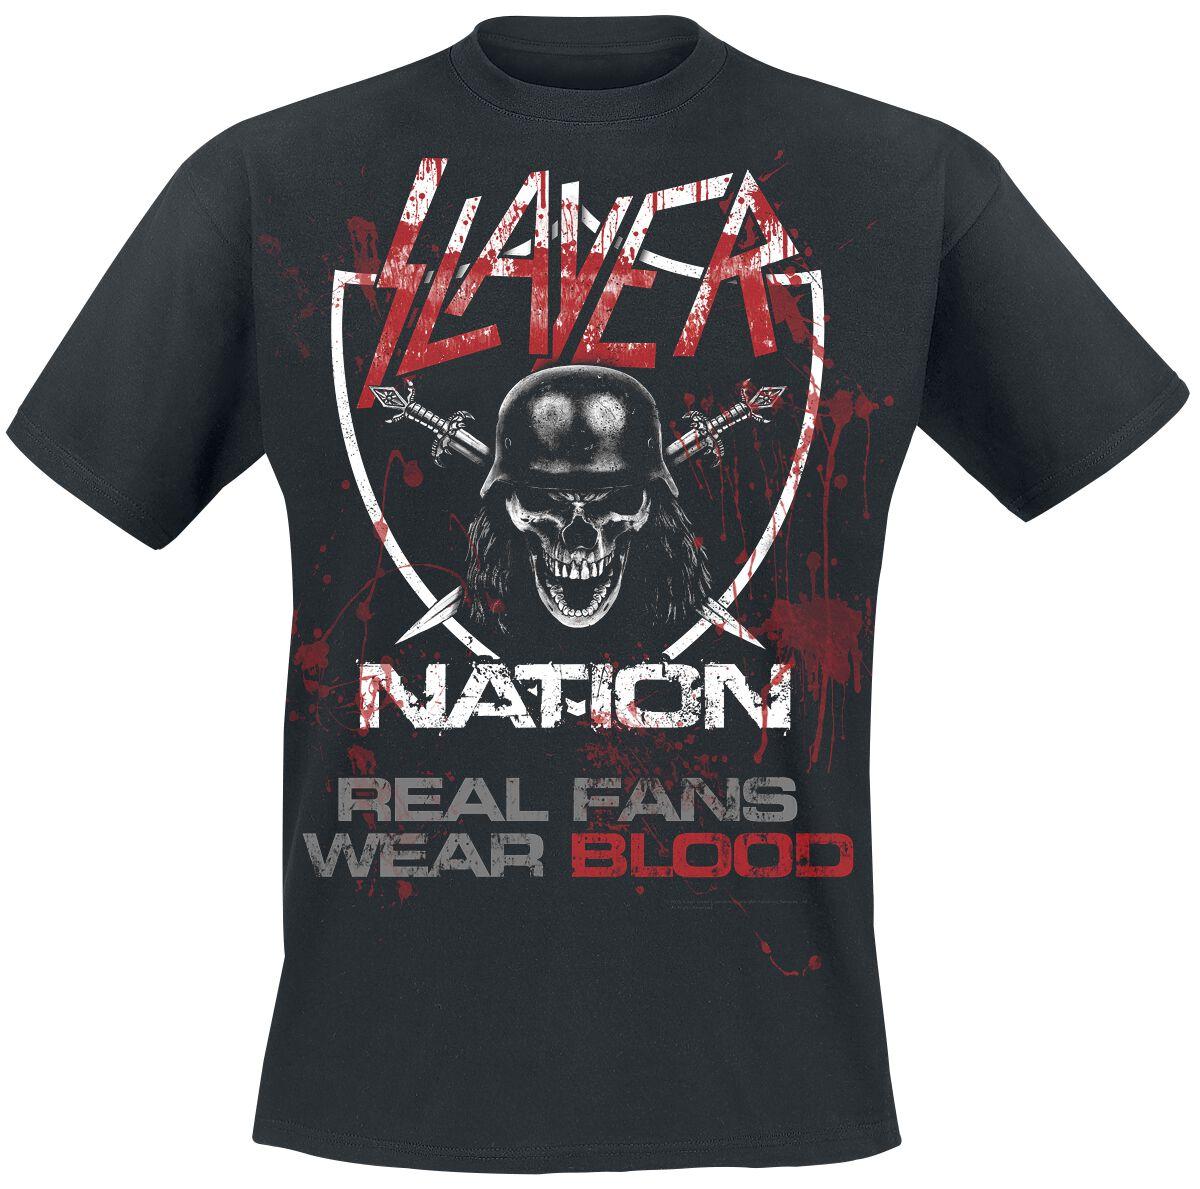 Image of   Slayer Real Men Wear Blood T-Shirt sort